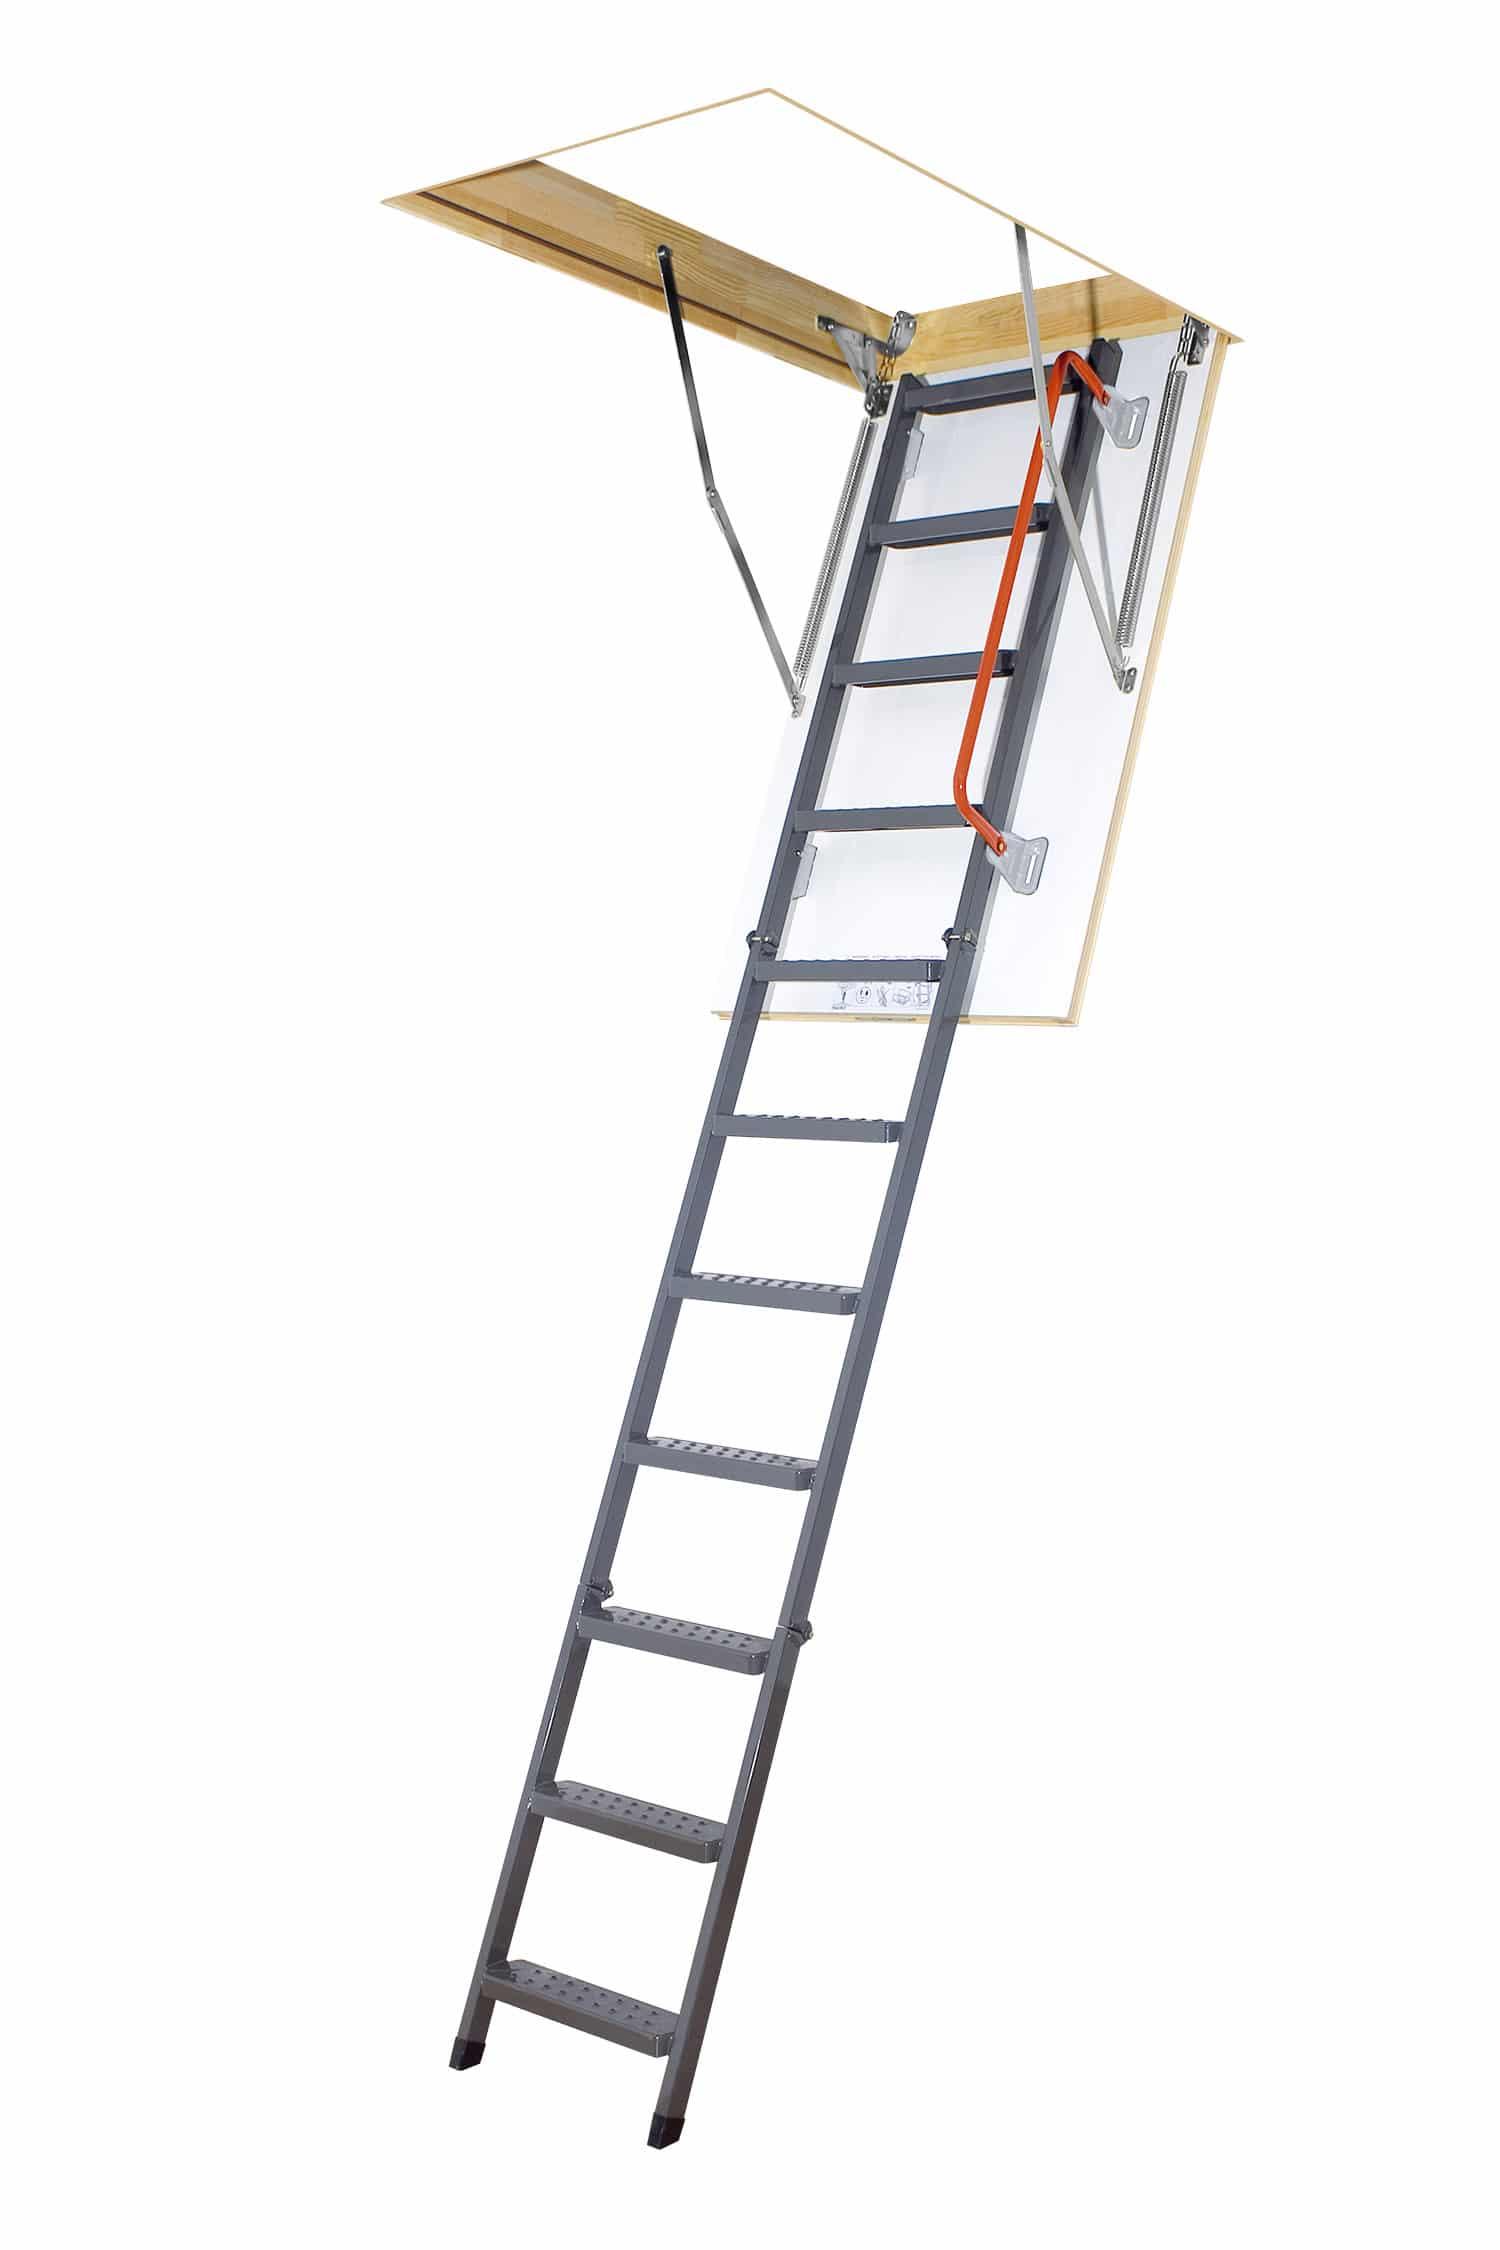 LMK01 - Schody strychowe LMK-305 Fakro z metalową drabinką